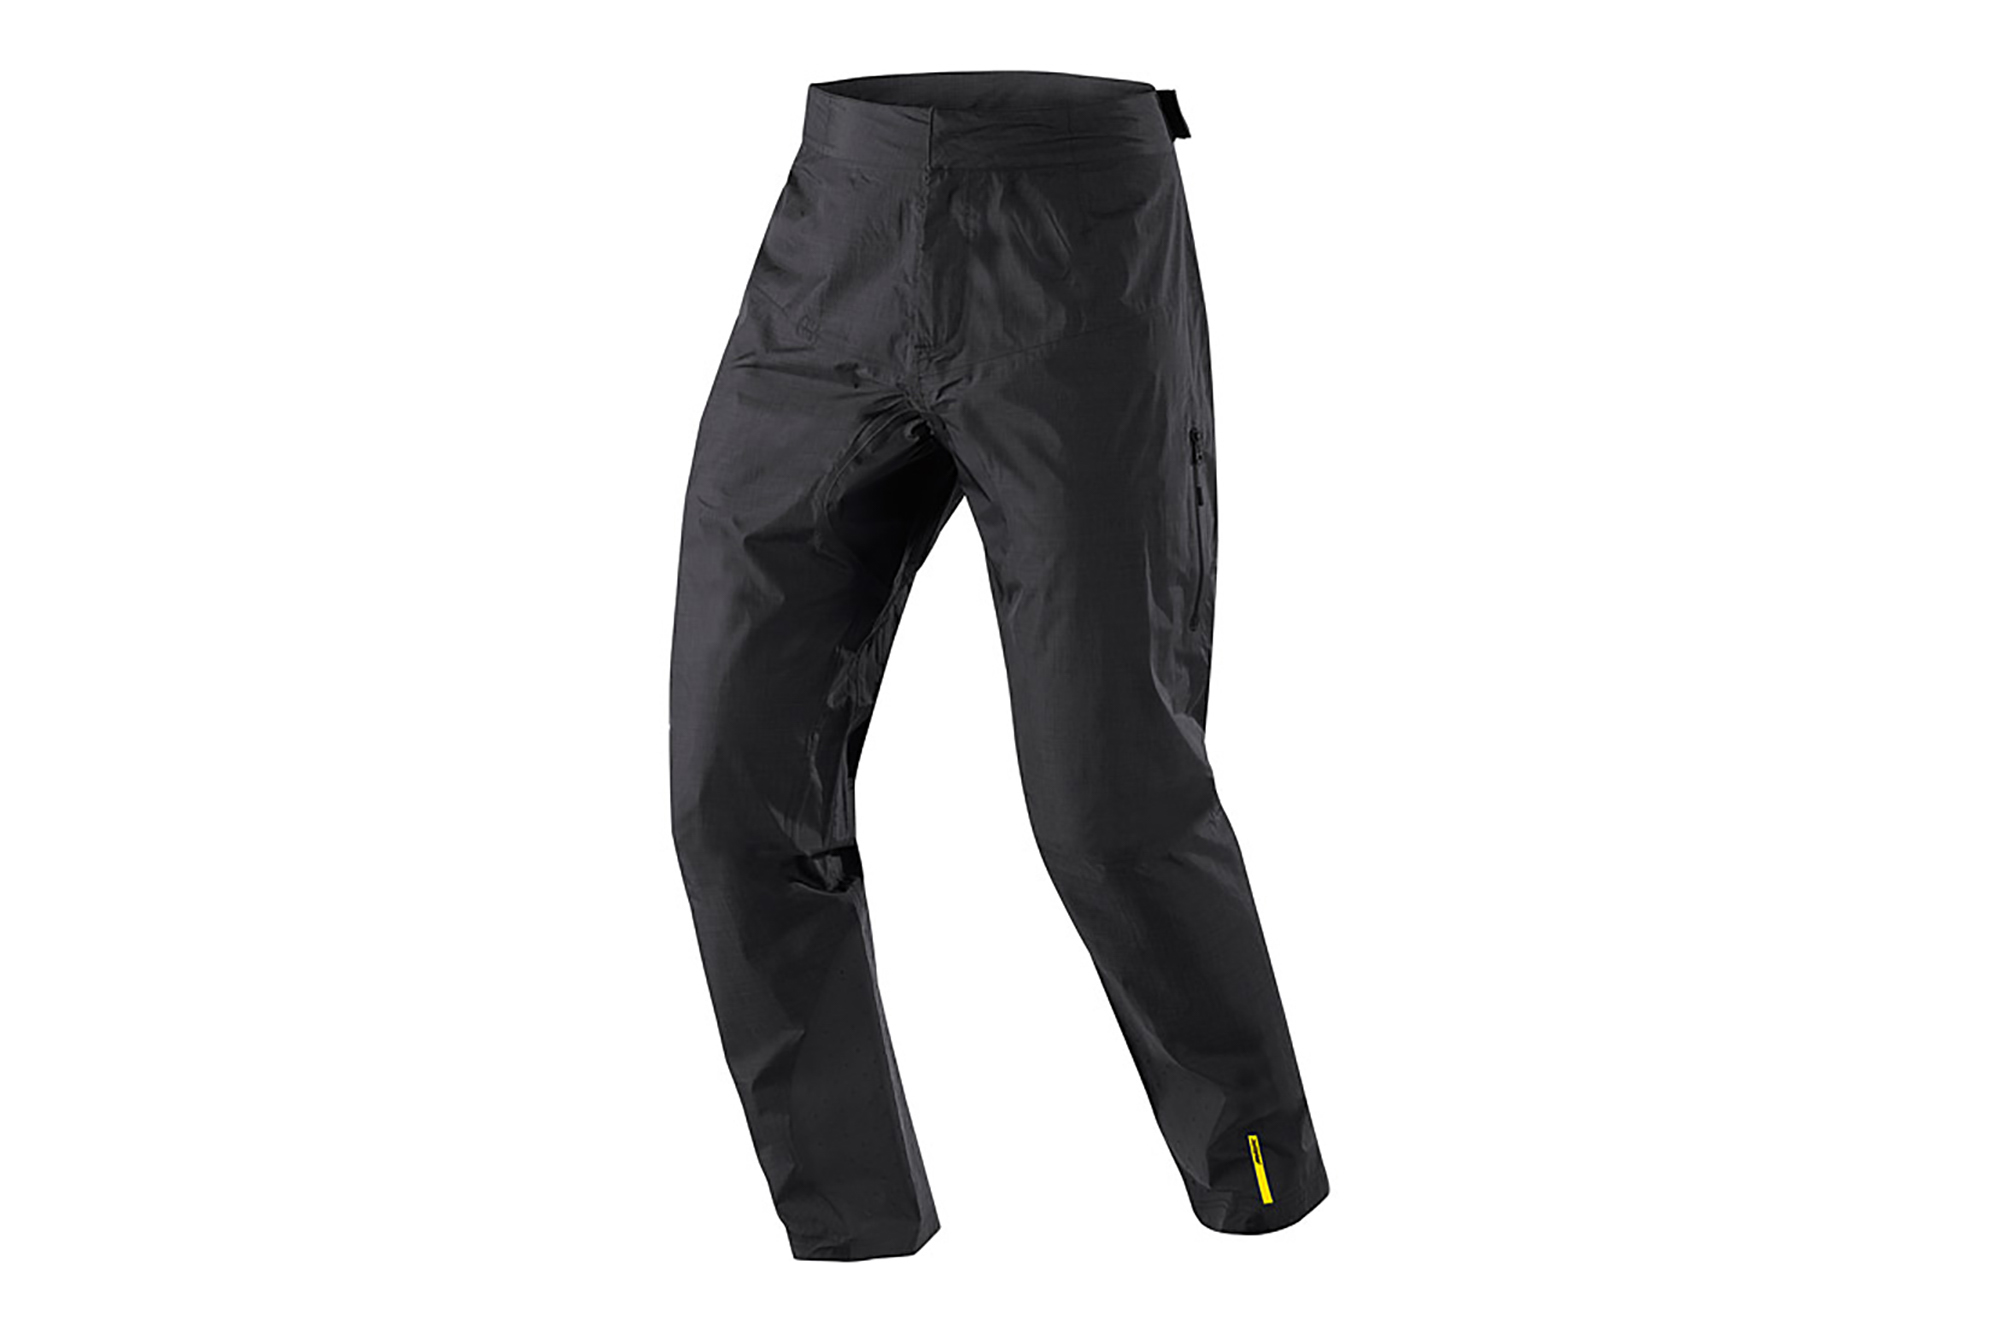 Le Choix Du Pantalon Évasion VttEn Hiver Dossier 6gYvbfy7